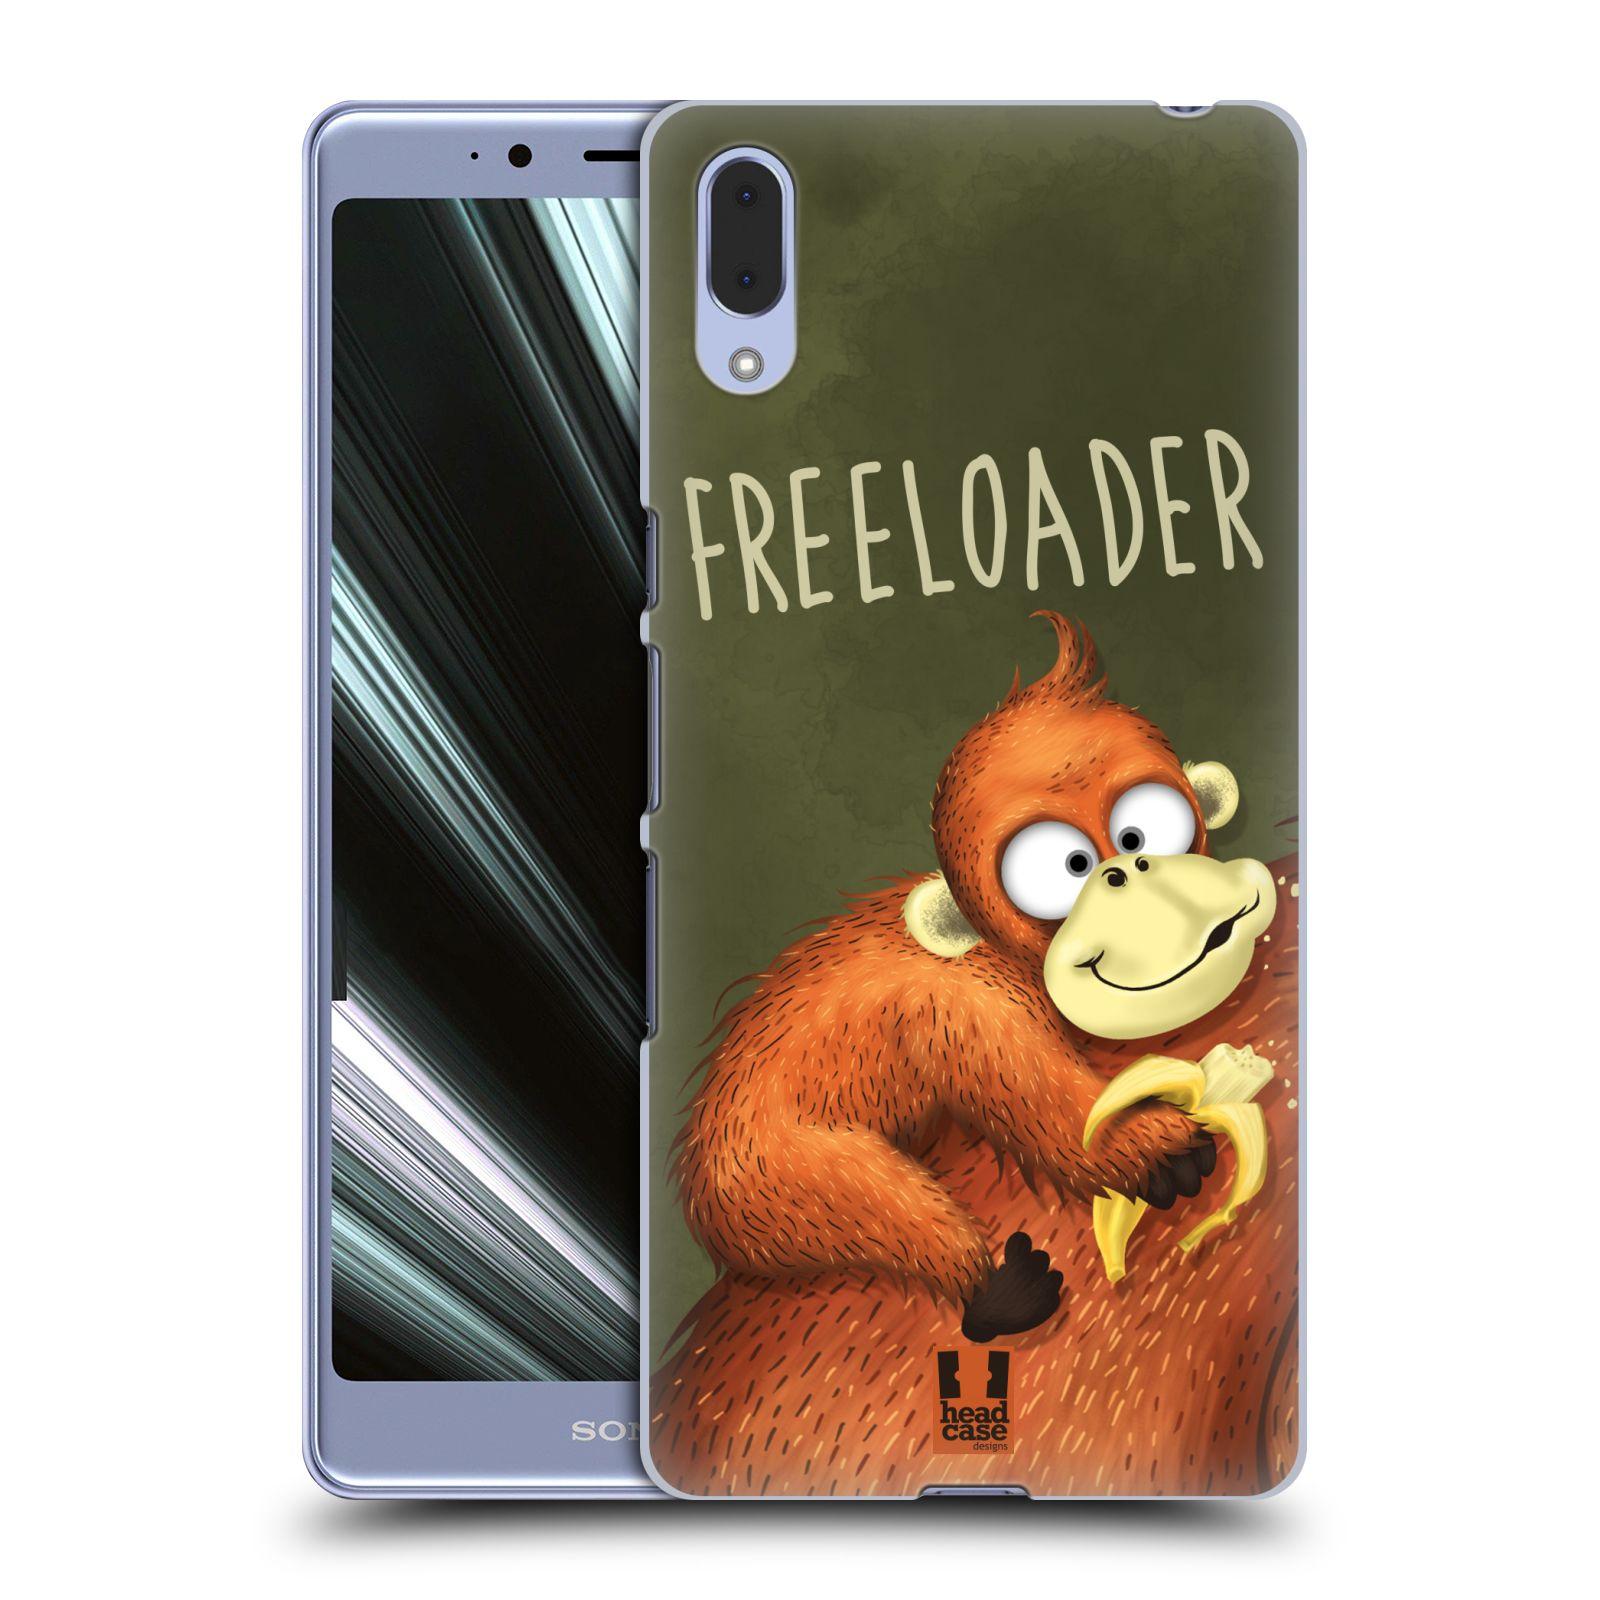 Plastové pouzdro na mobil Sony Xperia L3 - Head Case - Opičák Freeloader